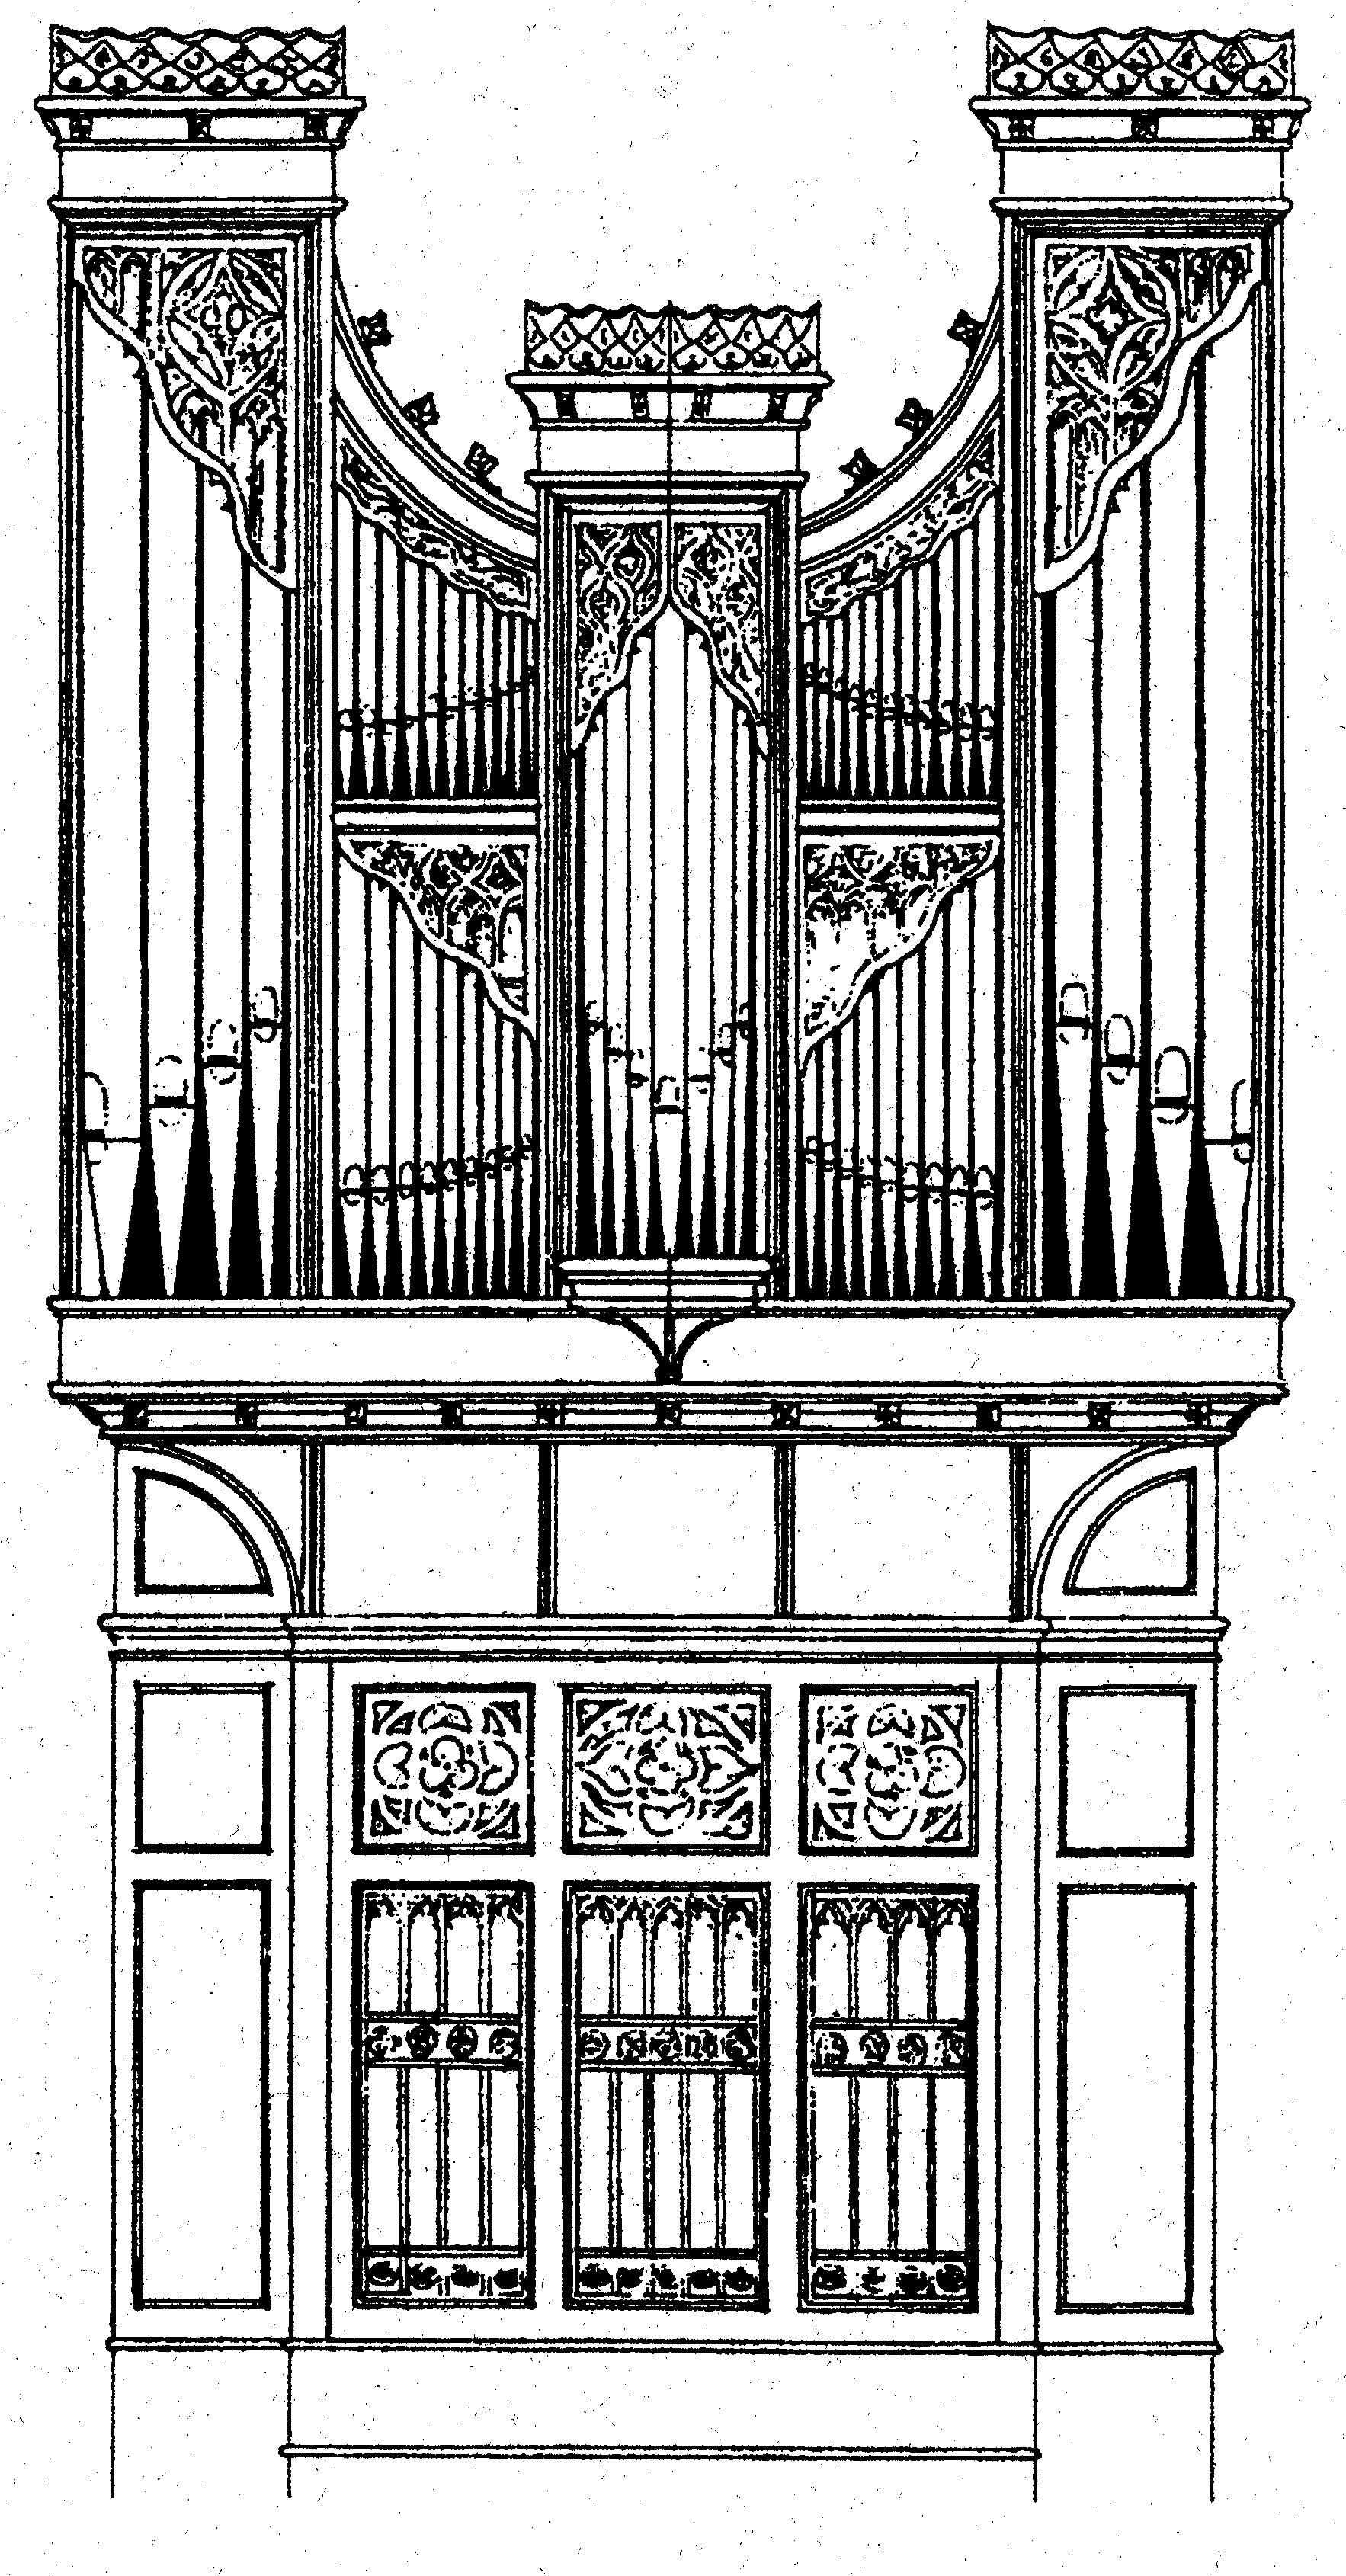 CCSY Organ.JPG